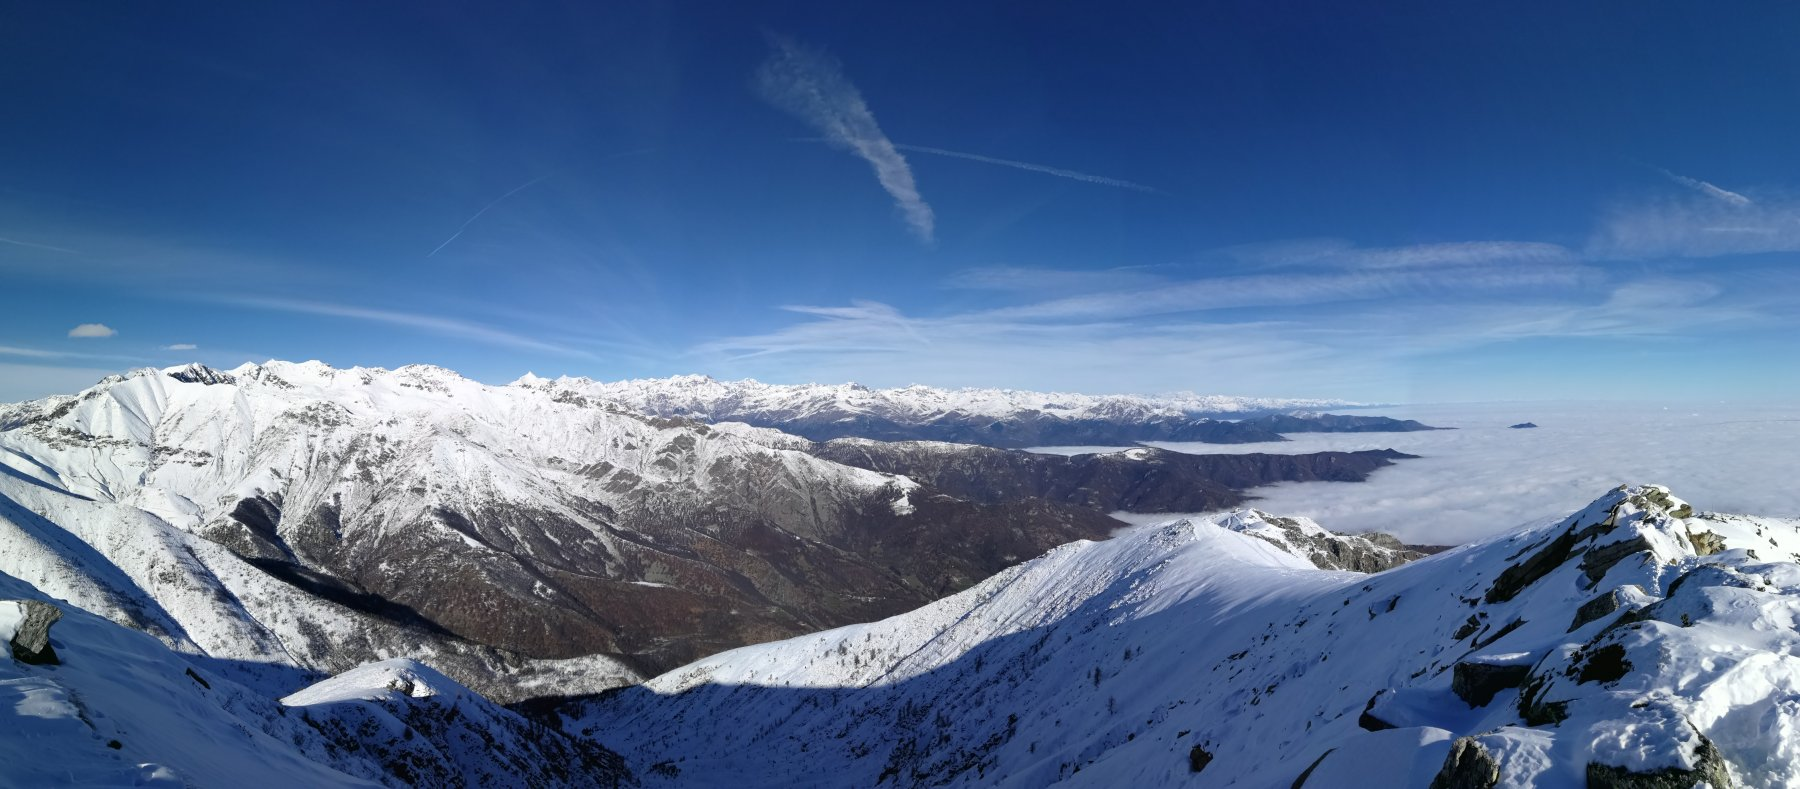 Cielo terso con visibilità a quasi tutto l'arco alpino (!!!)